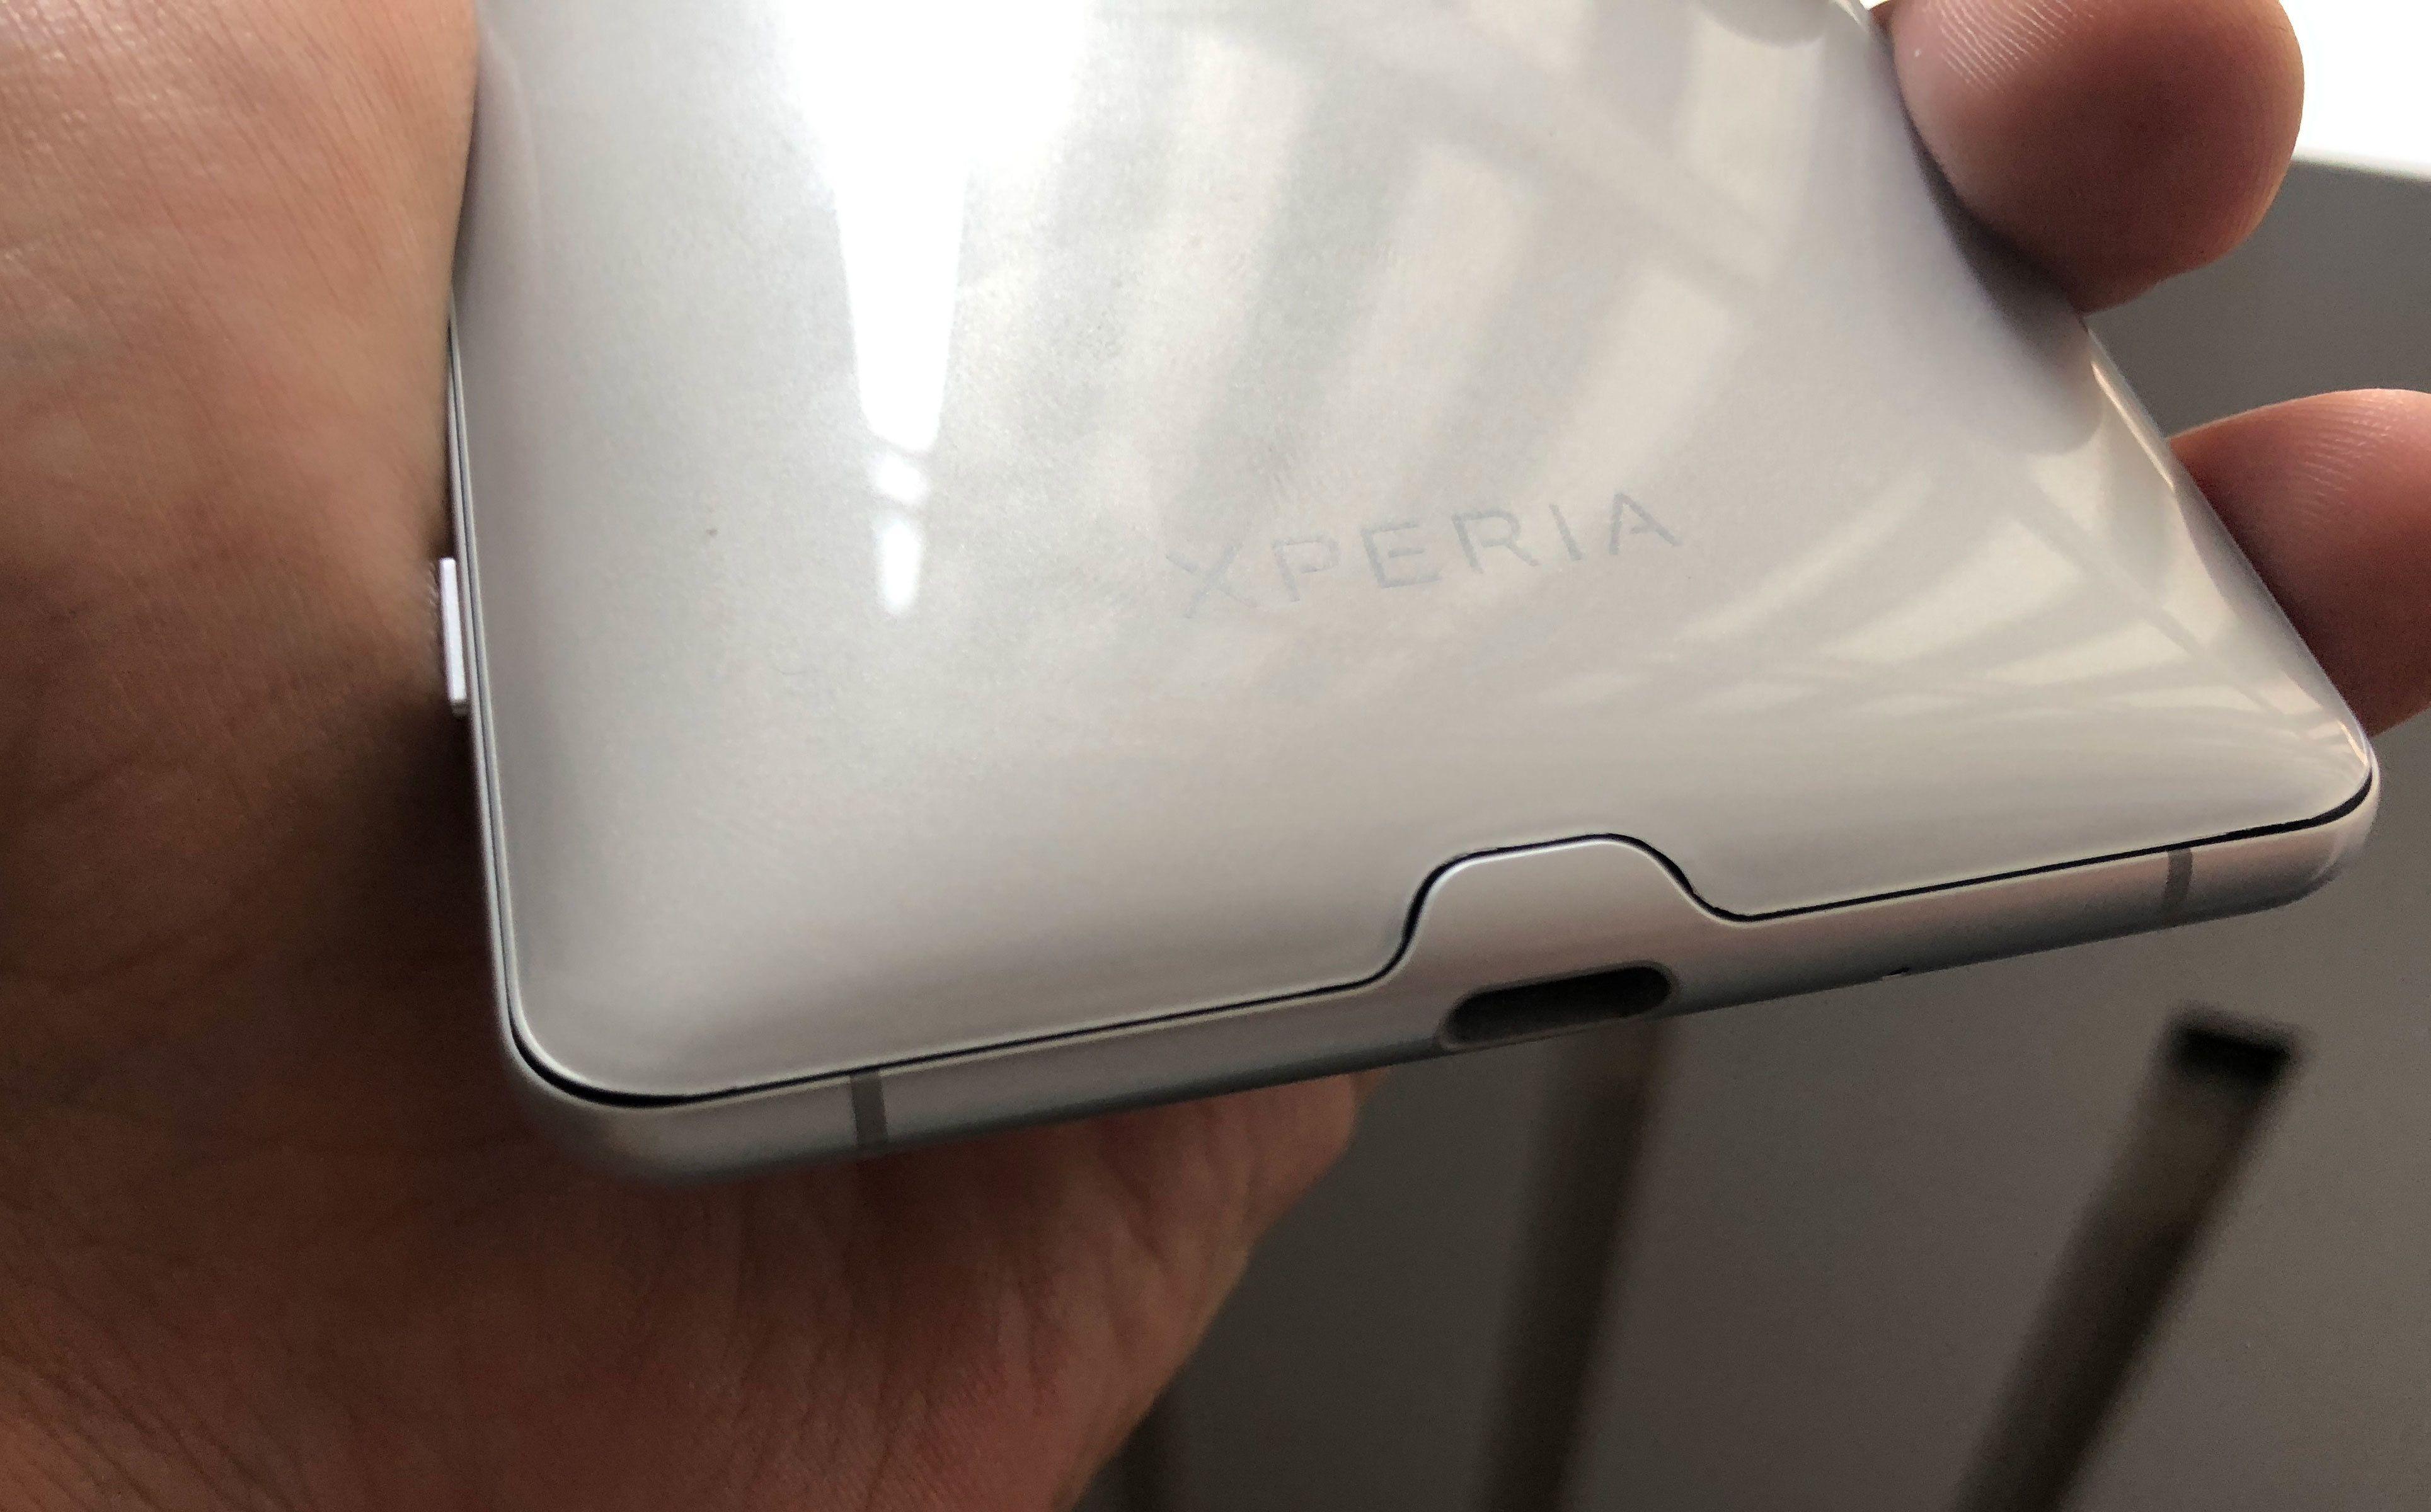 Glippen mellom baksiden og siderammene var overraskende stor, og akkurat denne detaljen virket litt oversett av Sonys designteam.